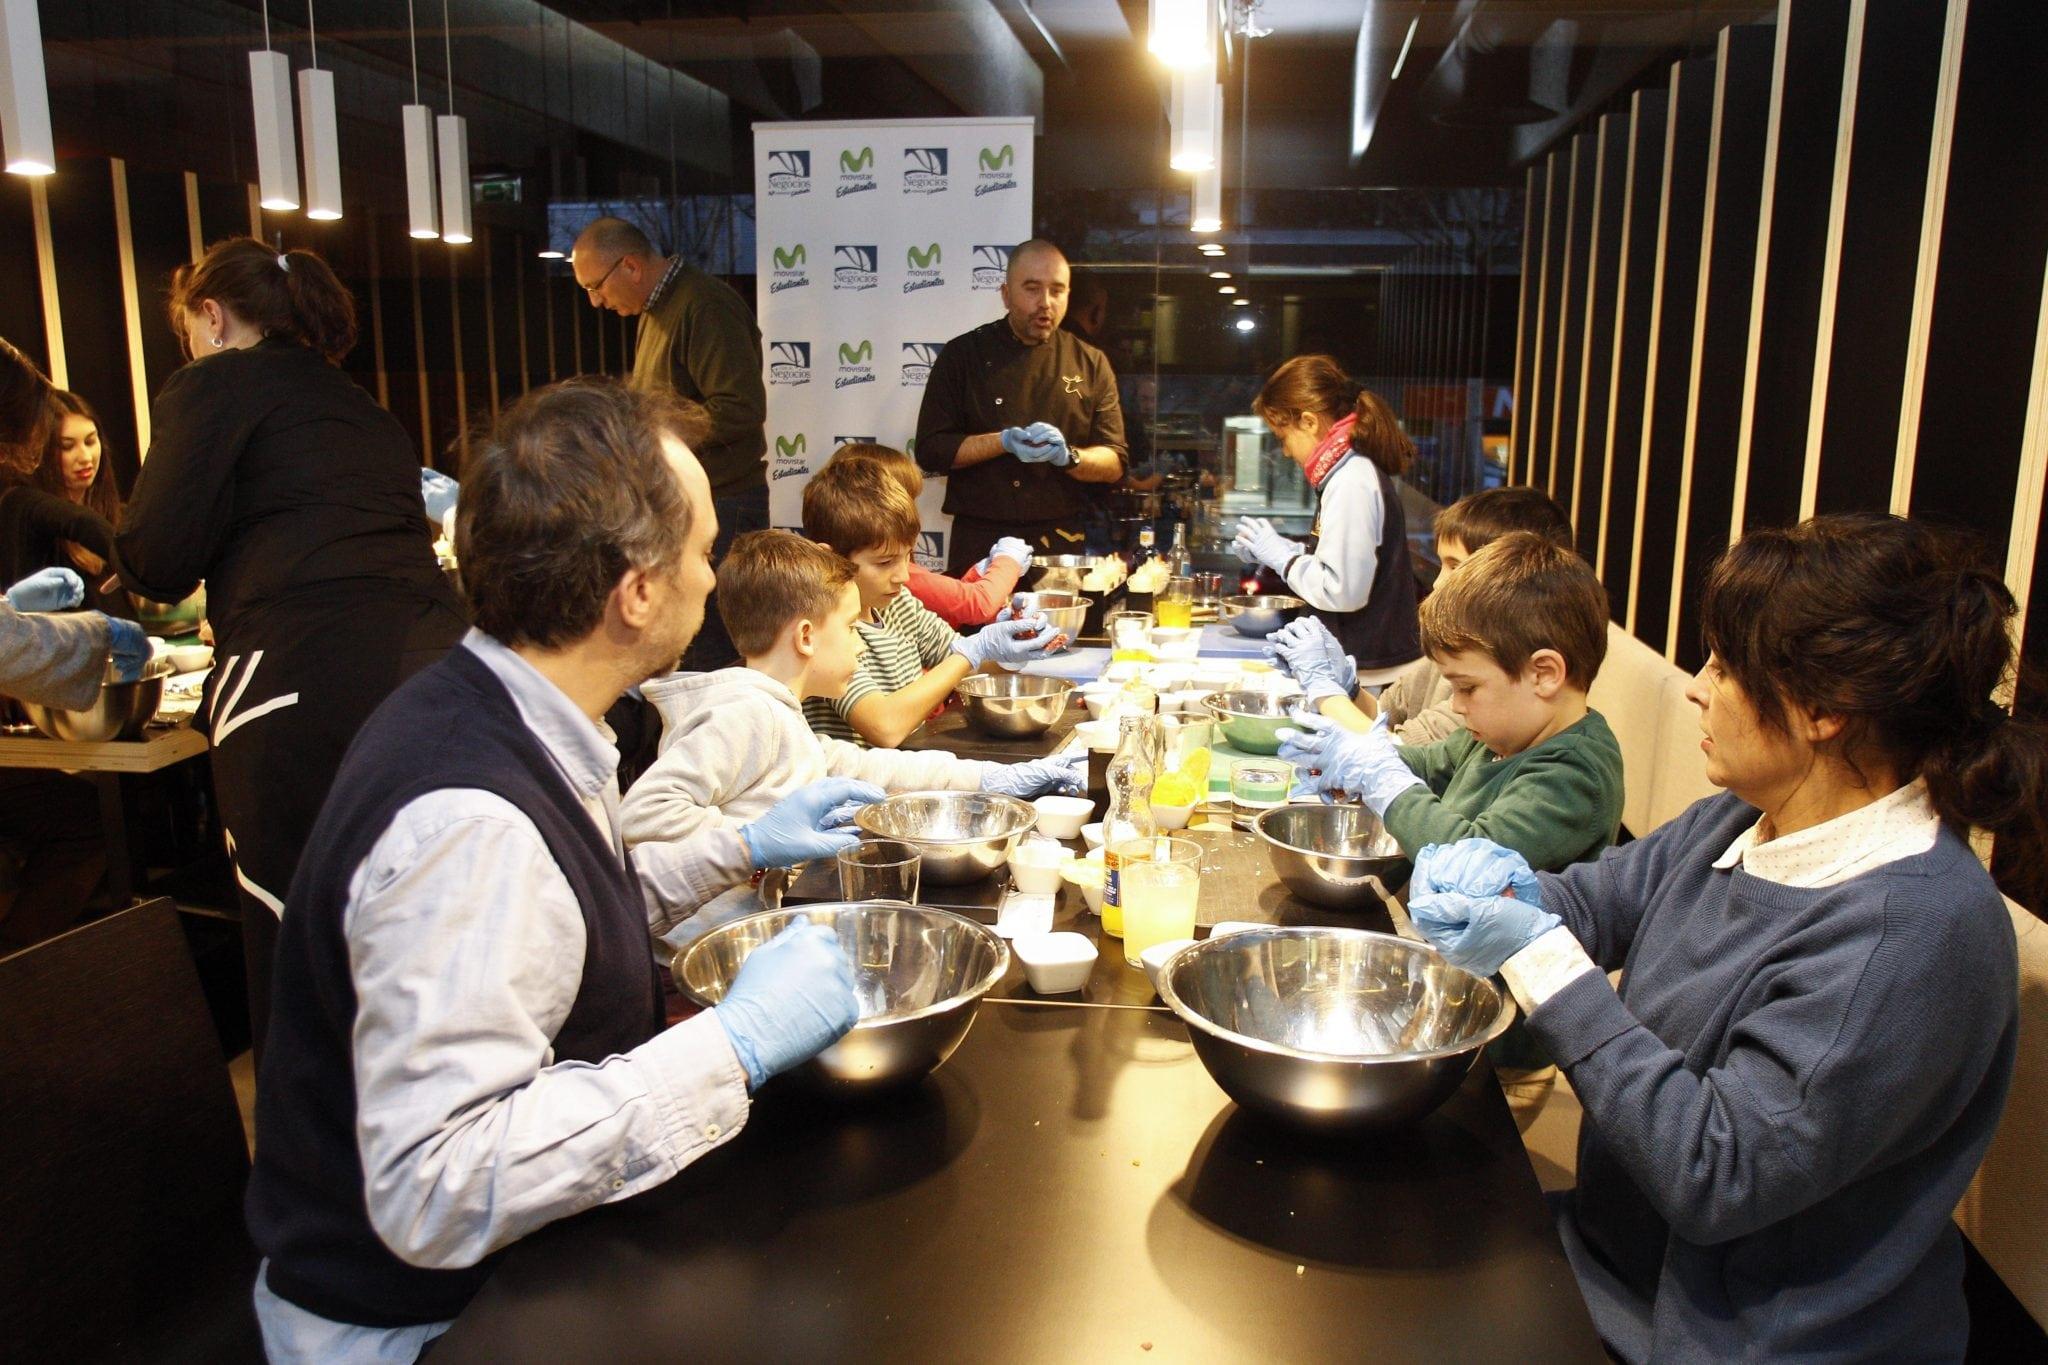 Día de cocina en familia gracias al Club de Negocios de Movistar Estudiantes y Hamburguesa Nostra